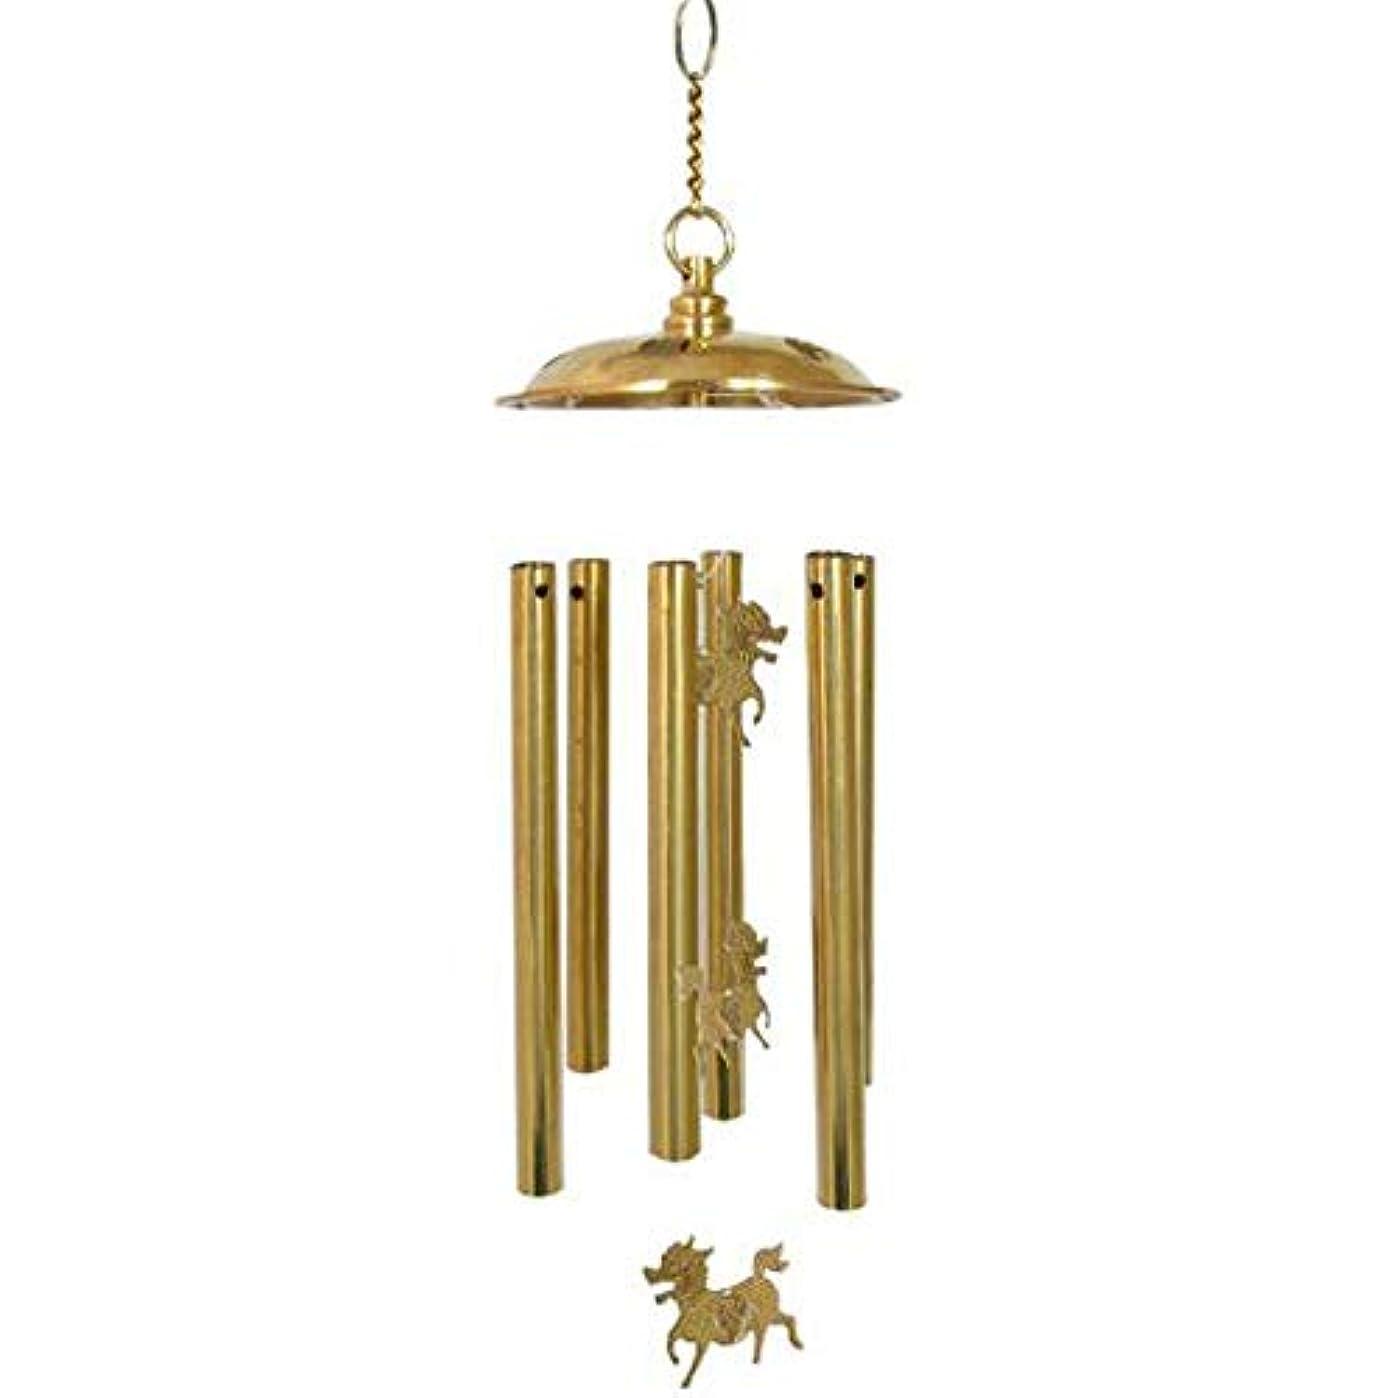 マニフェスト予定構造的Fengshangshanghang 風チャイム、ホーム銅風チャイム、ゴールド、全身について48センチメートル,家の装飾